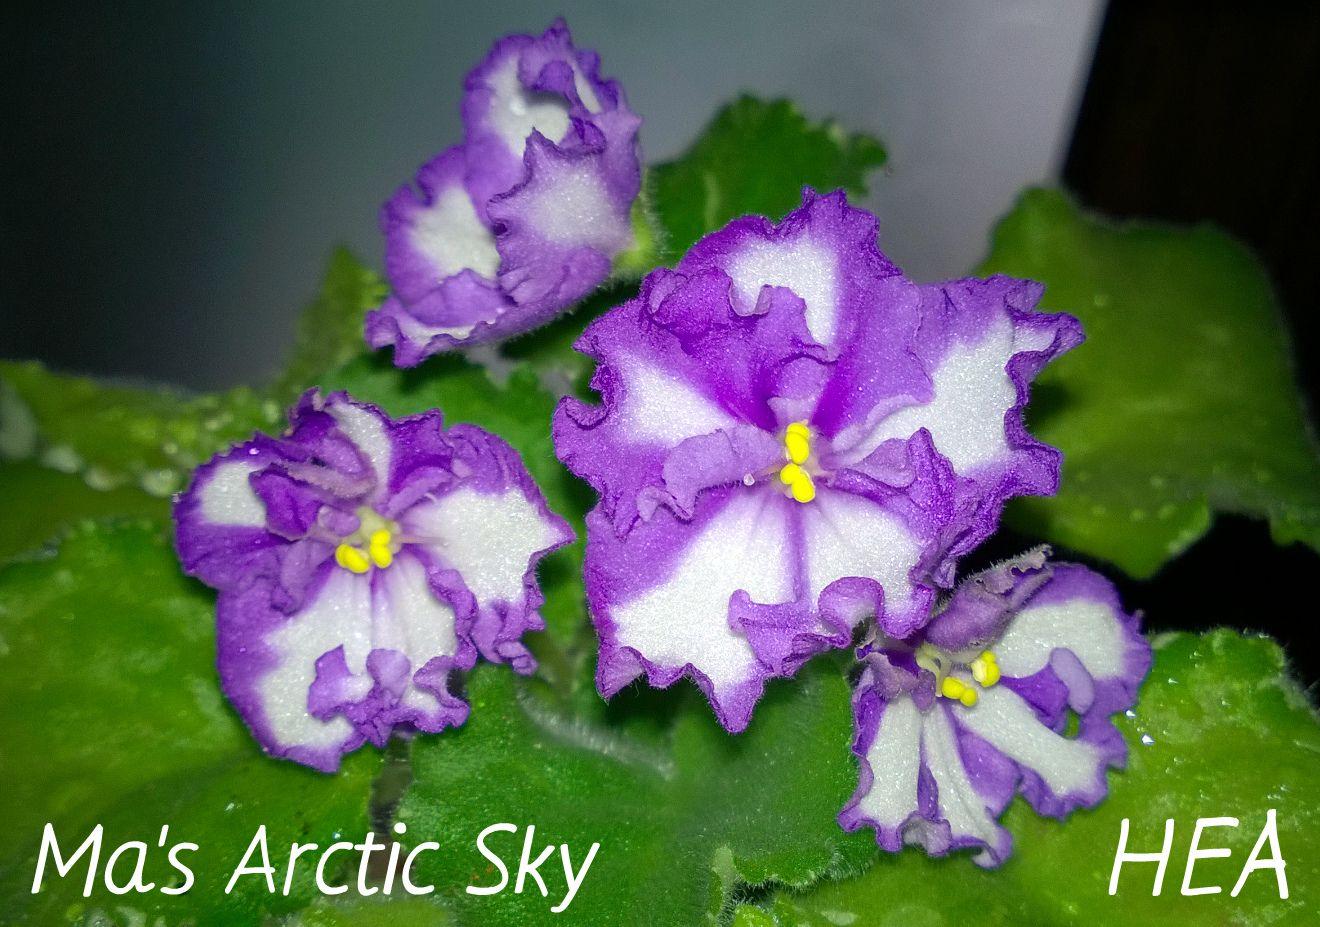 Ma's Arctic Sky